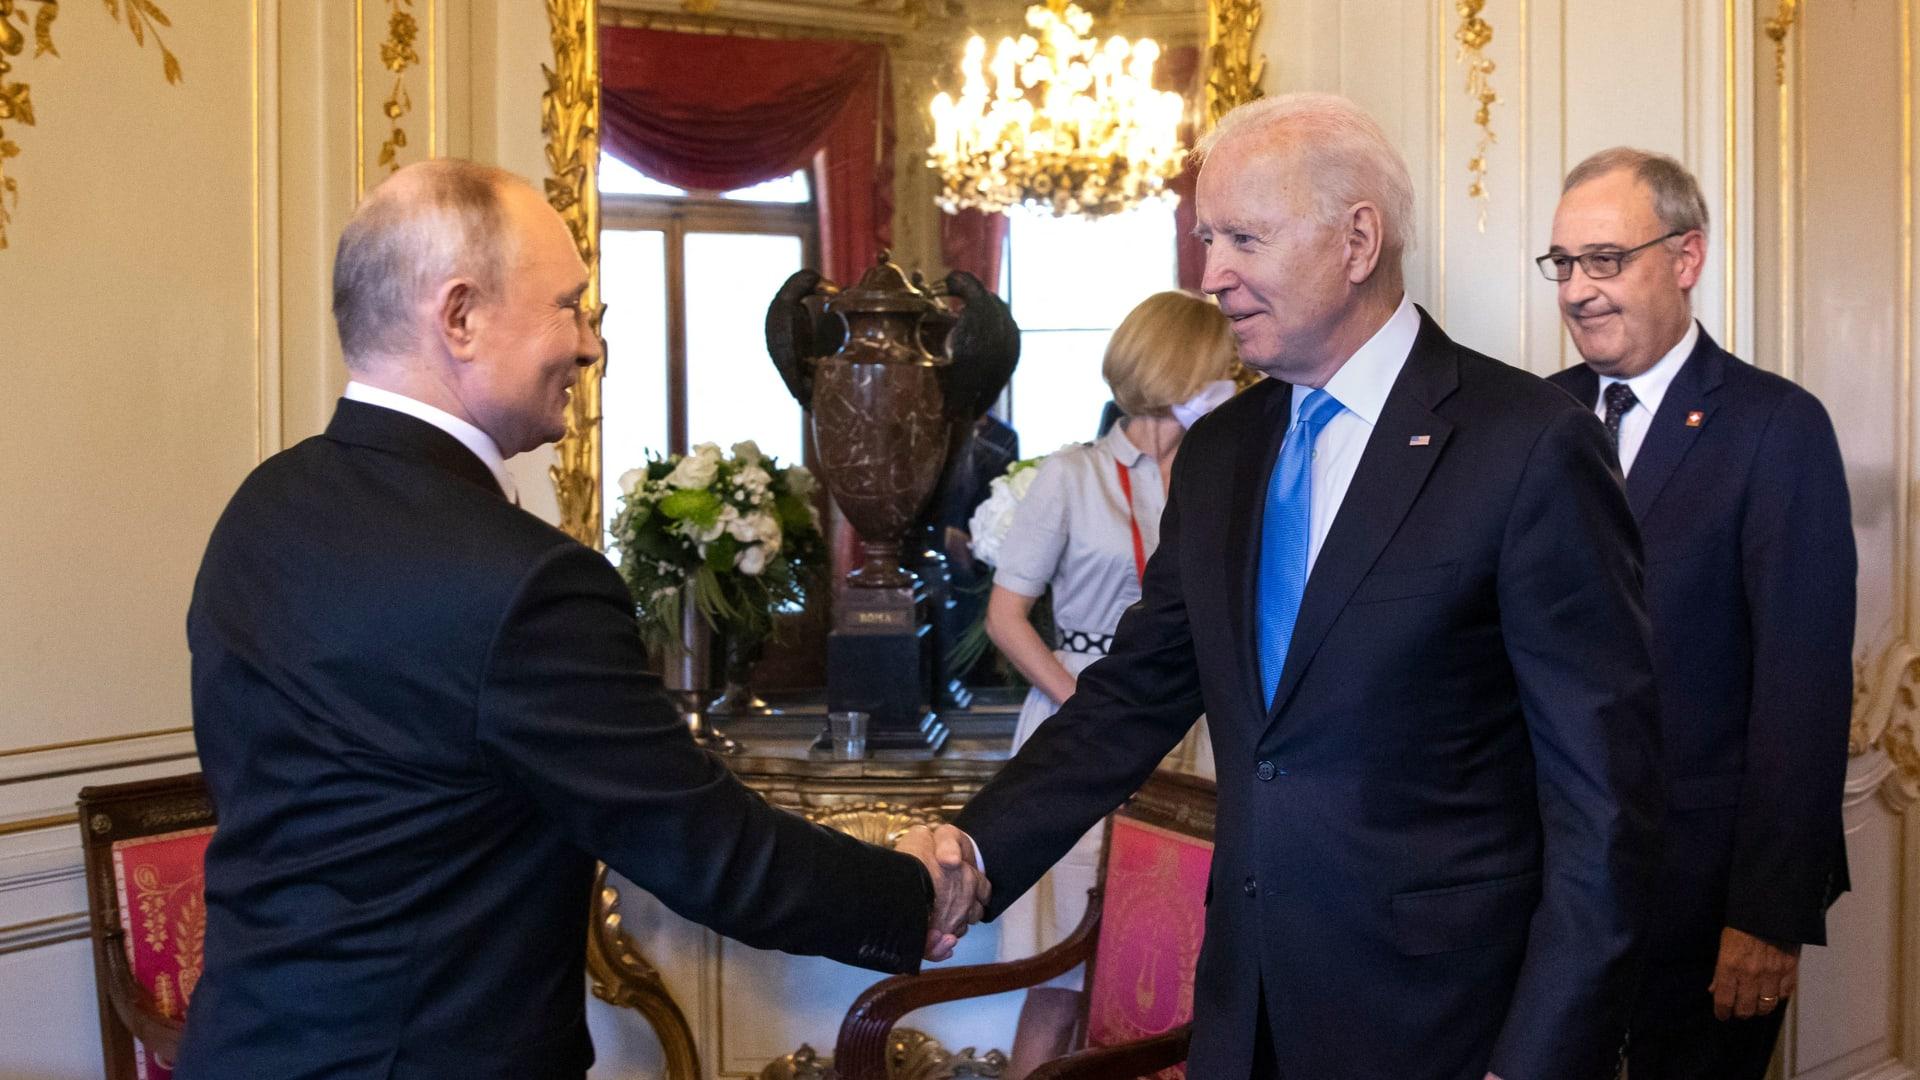 الرئيس الأمريكي جو بايدن ونظيره الروسي فلاديمير بوتين